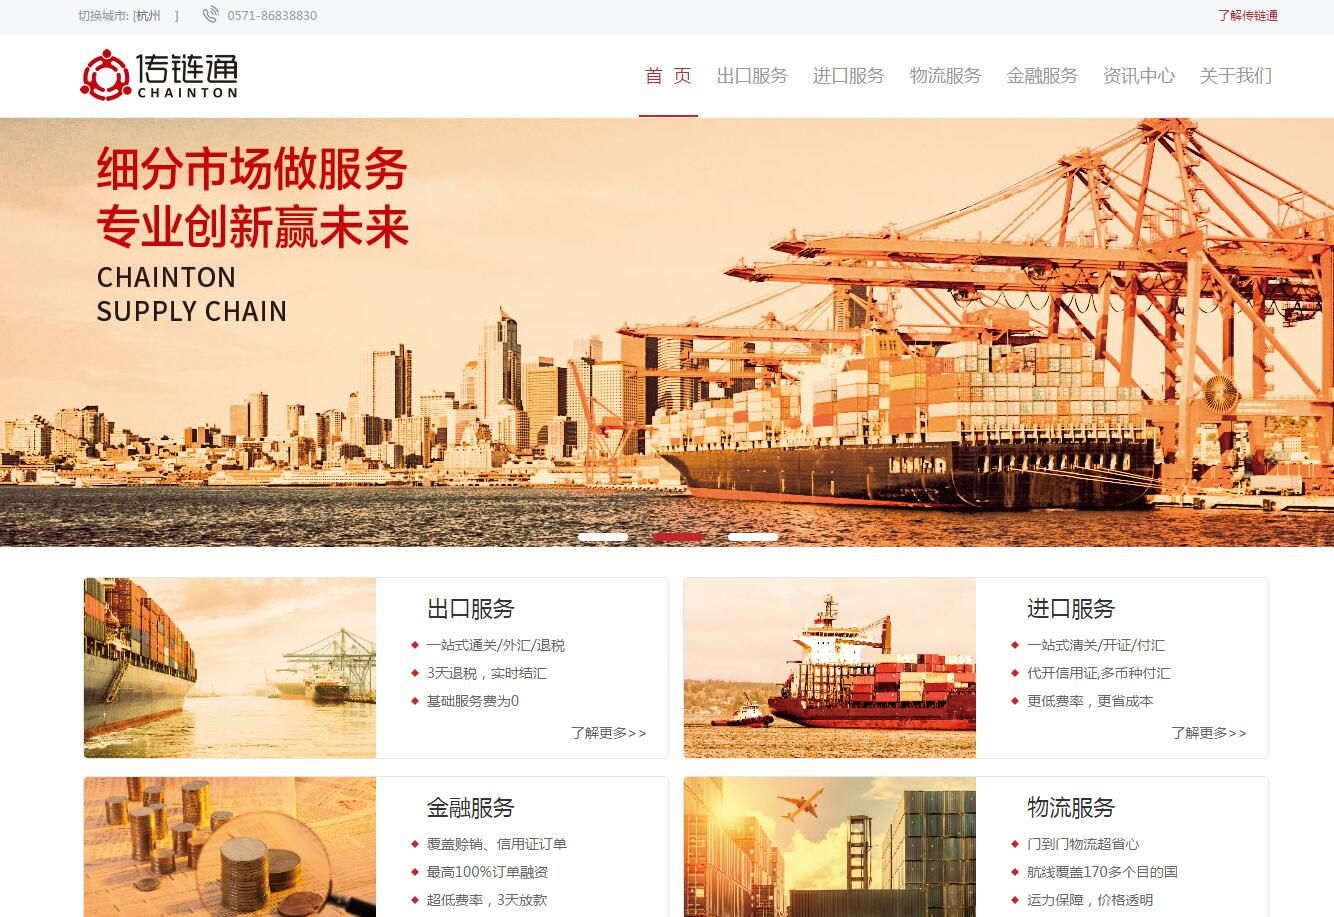 浙江传链通供应链管理有限公司